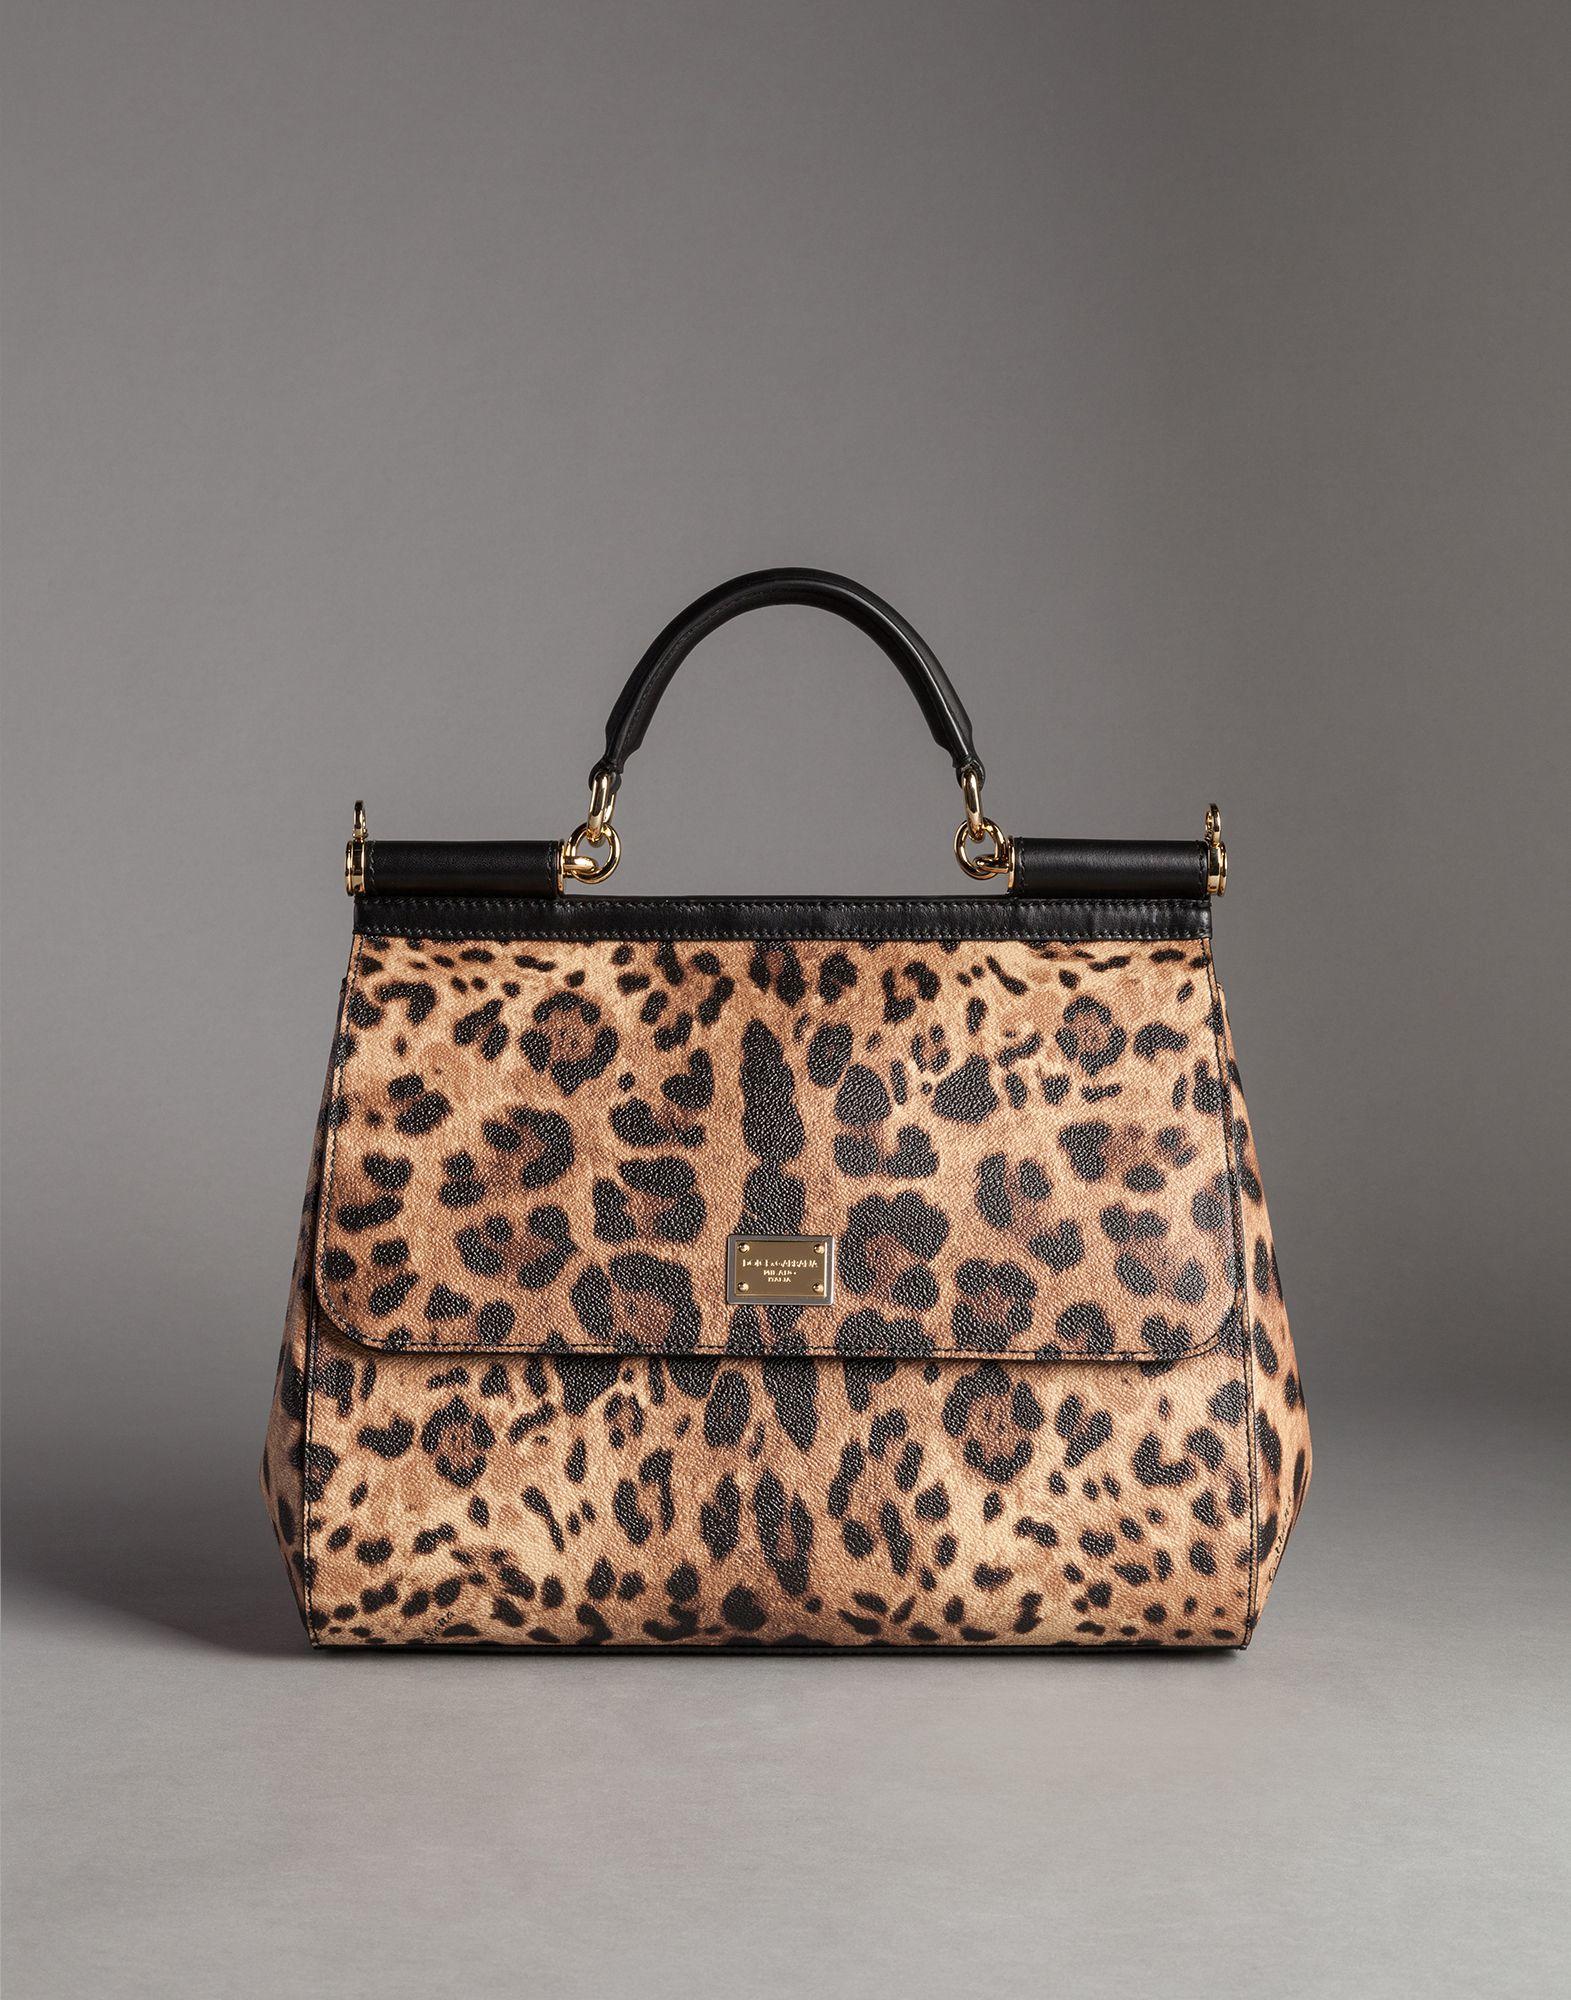 c9e6a9faca5 Lyst - Dolce   Gabbana Sicily Leopard-Print Tote in Brown